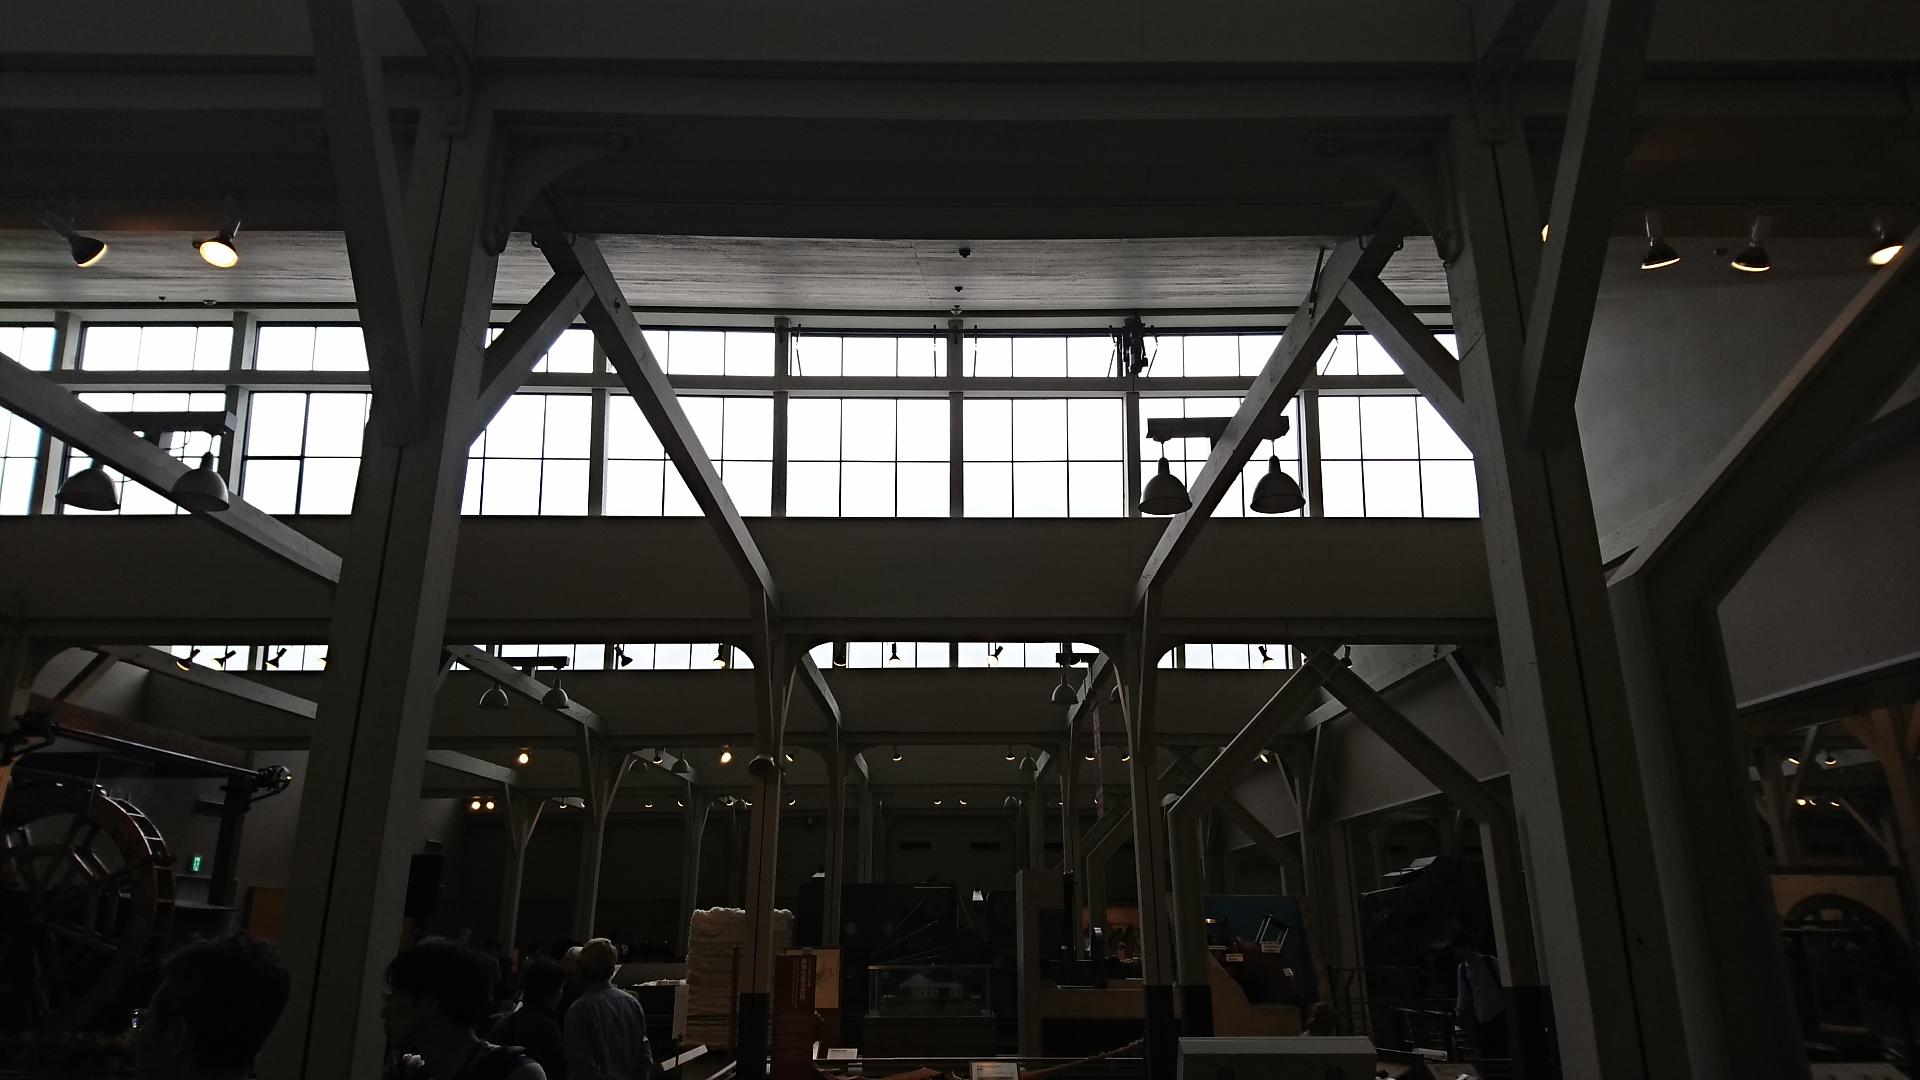 2018.5.3 (4) トヨタ産業技術記念館 - 繊維機械館 1920-1080